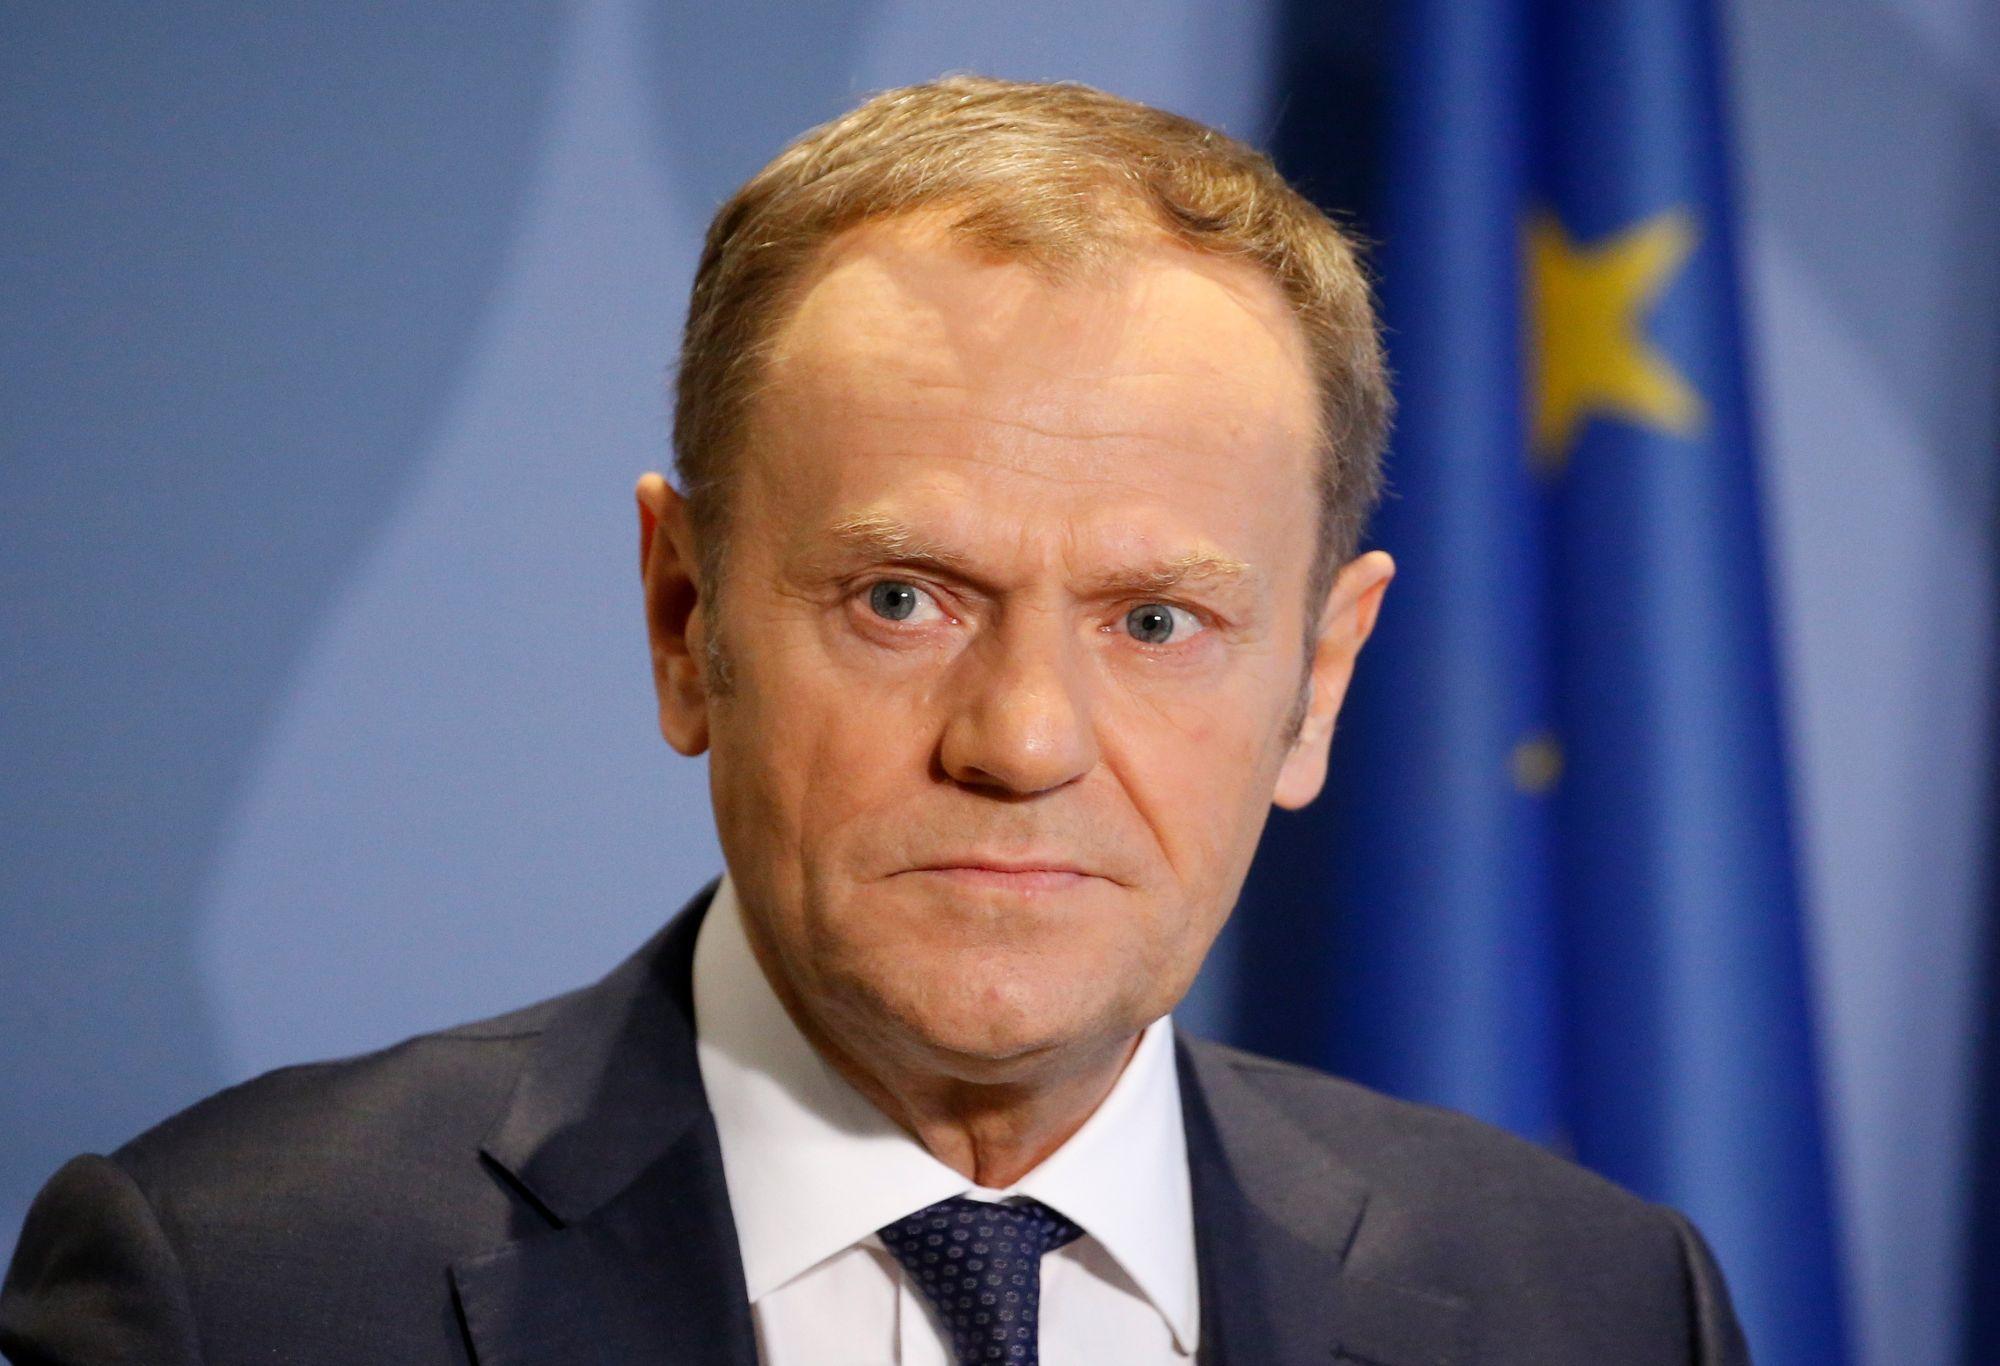 Donald Tusk, az Európai Tanács elnöke sajtótájékoztatót tart Luxembourgban 2018. március 7-én. A sajtótájékoztató témája a Brexit-tárgyalások tervezett  irányelveinek ismertetése.  EPA/JULIEN WARNAND